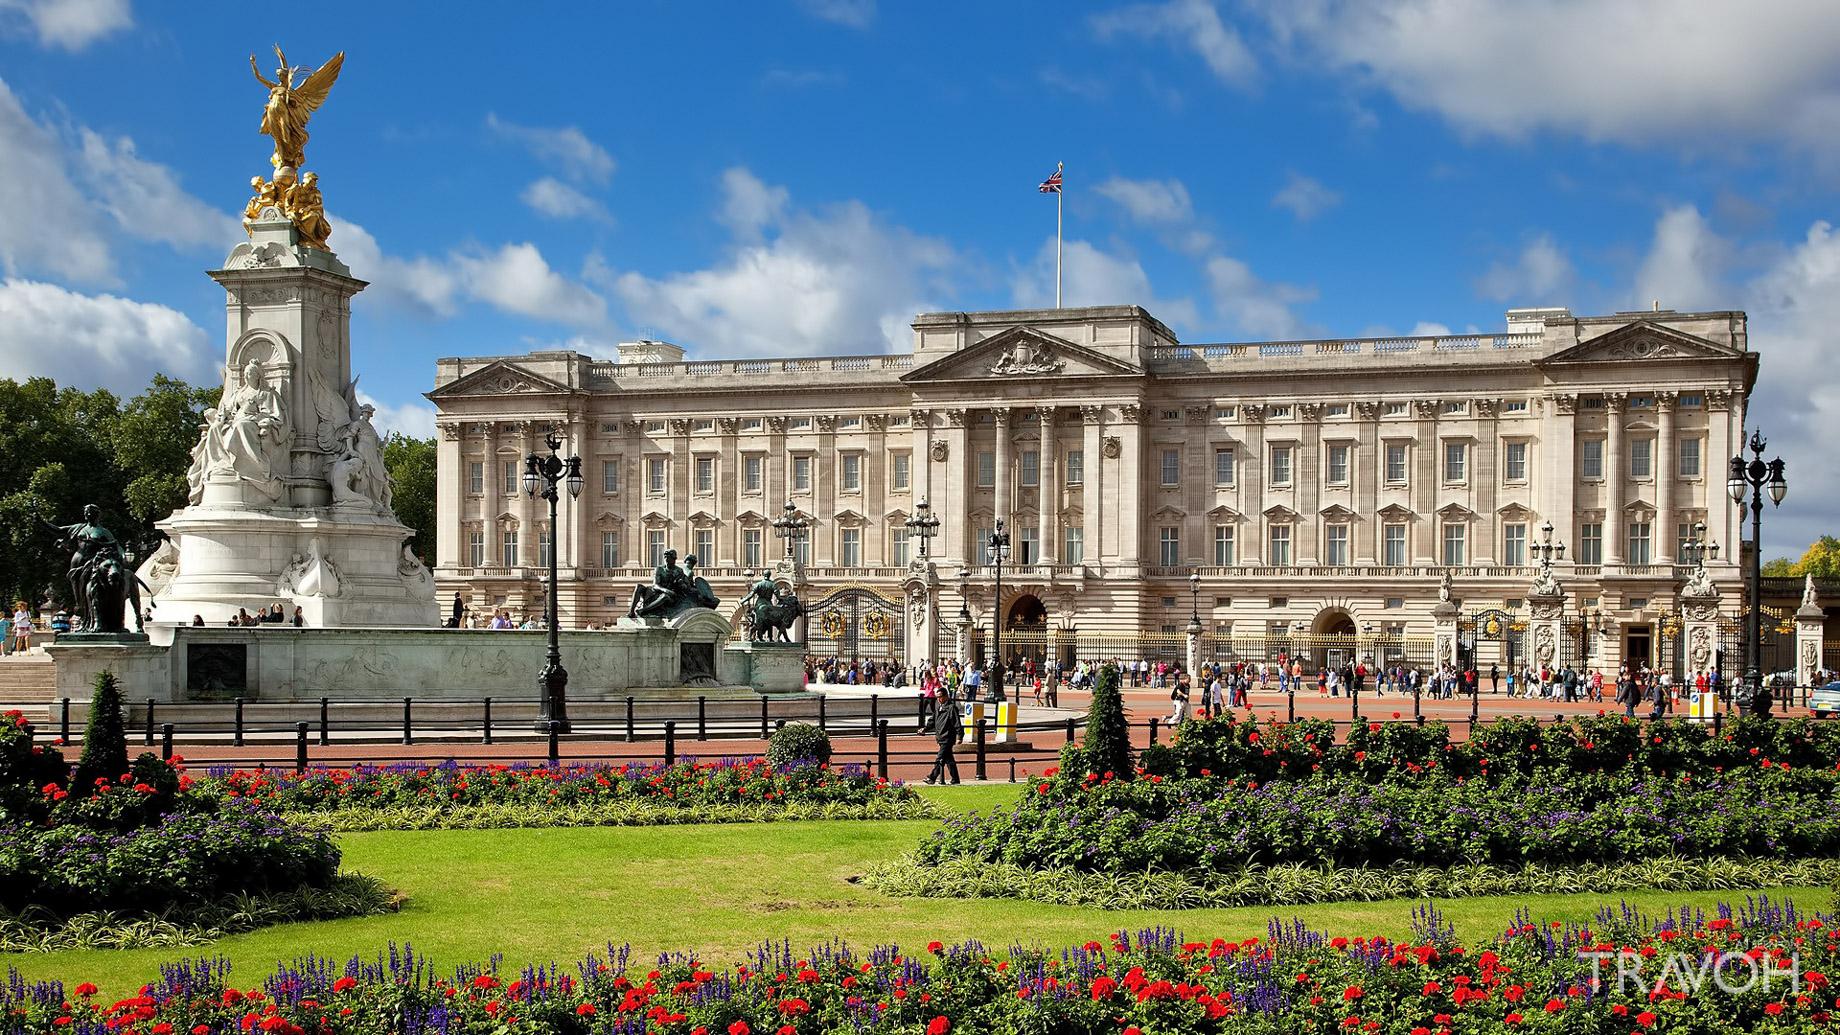 Buckingham Palace - Westminster, London, United Kingdom